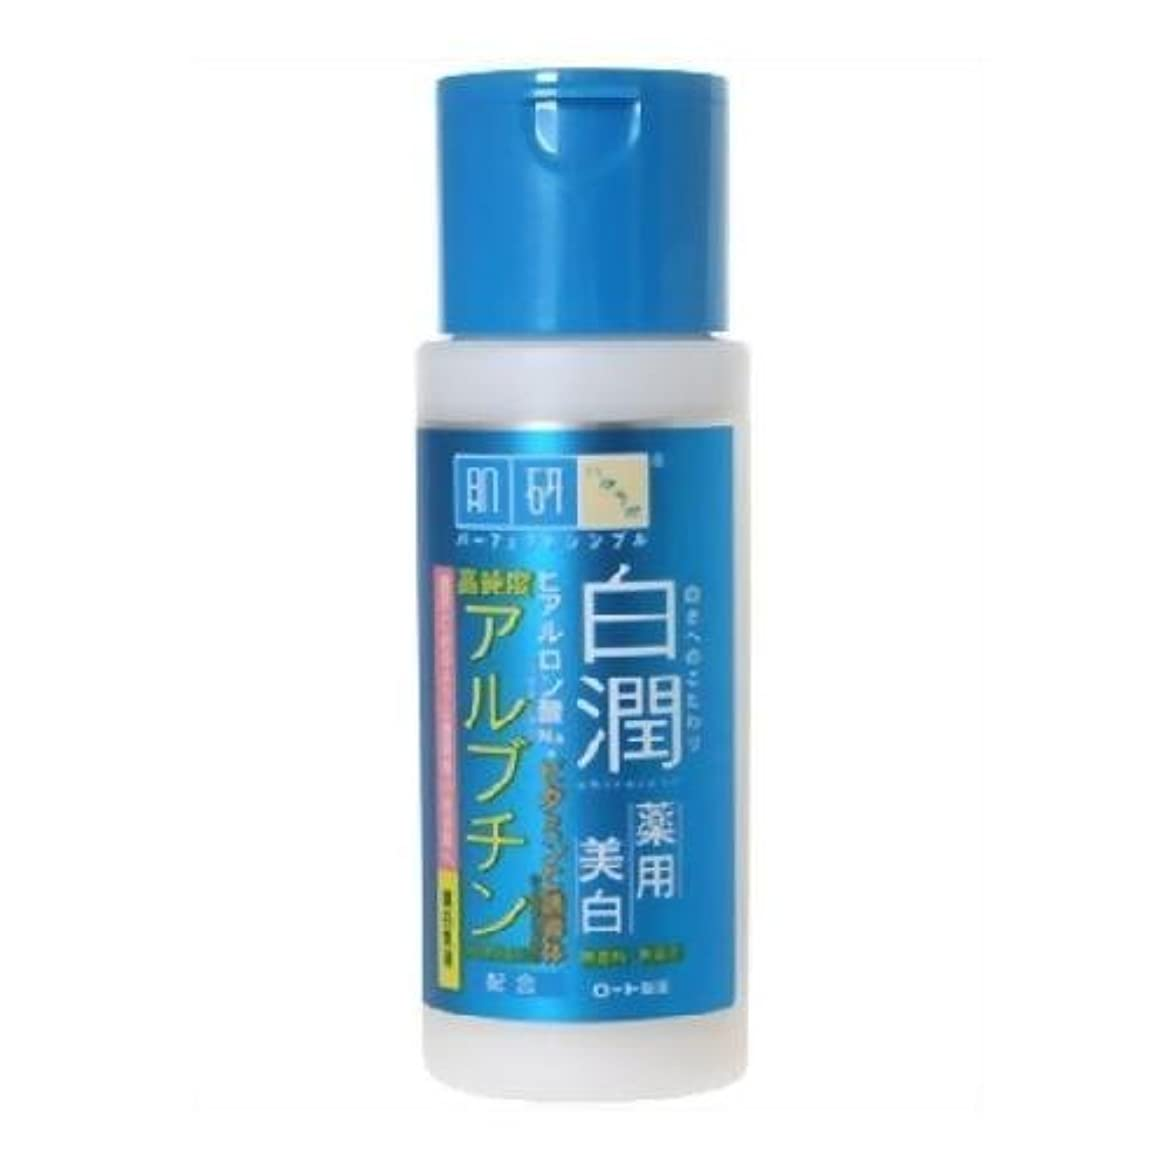 二十スペードナンセンス肌研白潤薬用美白乳液 140ml